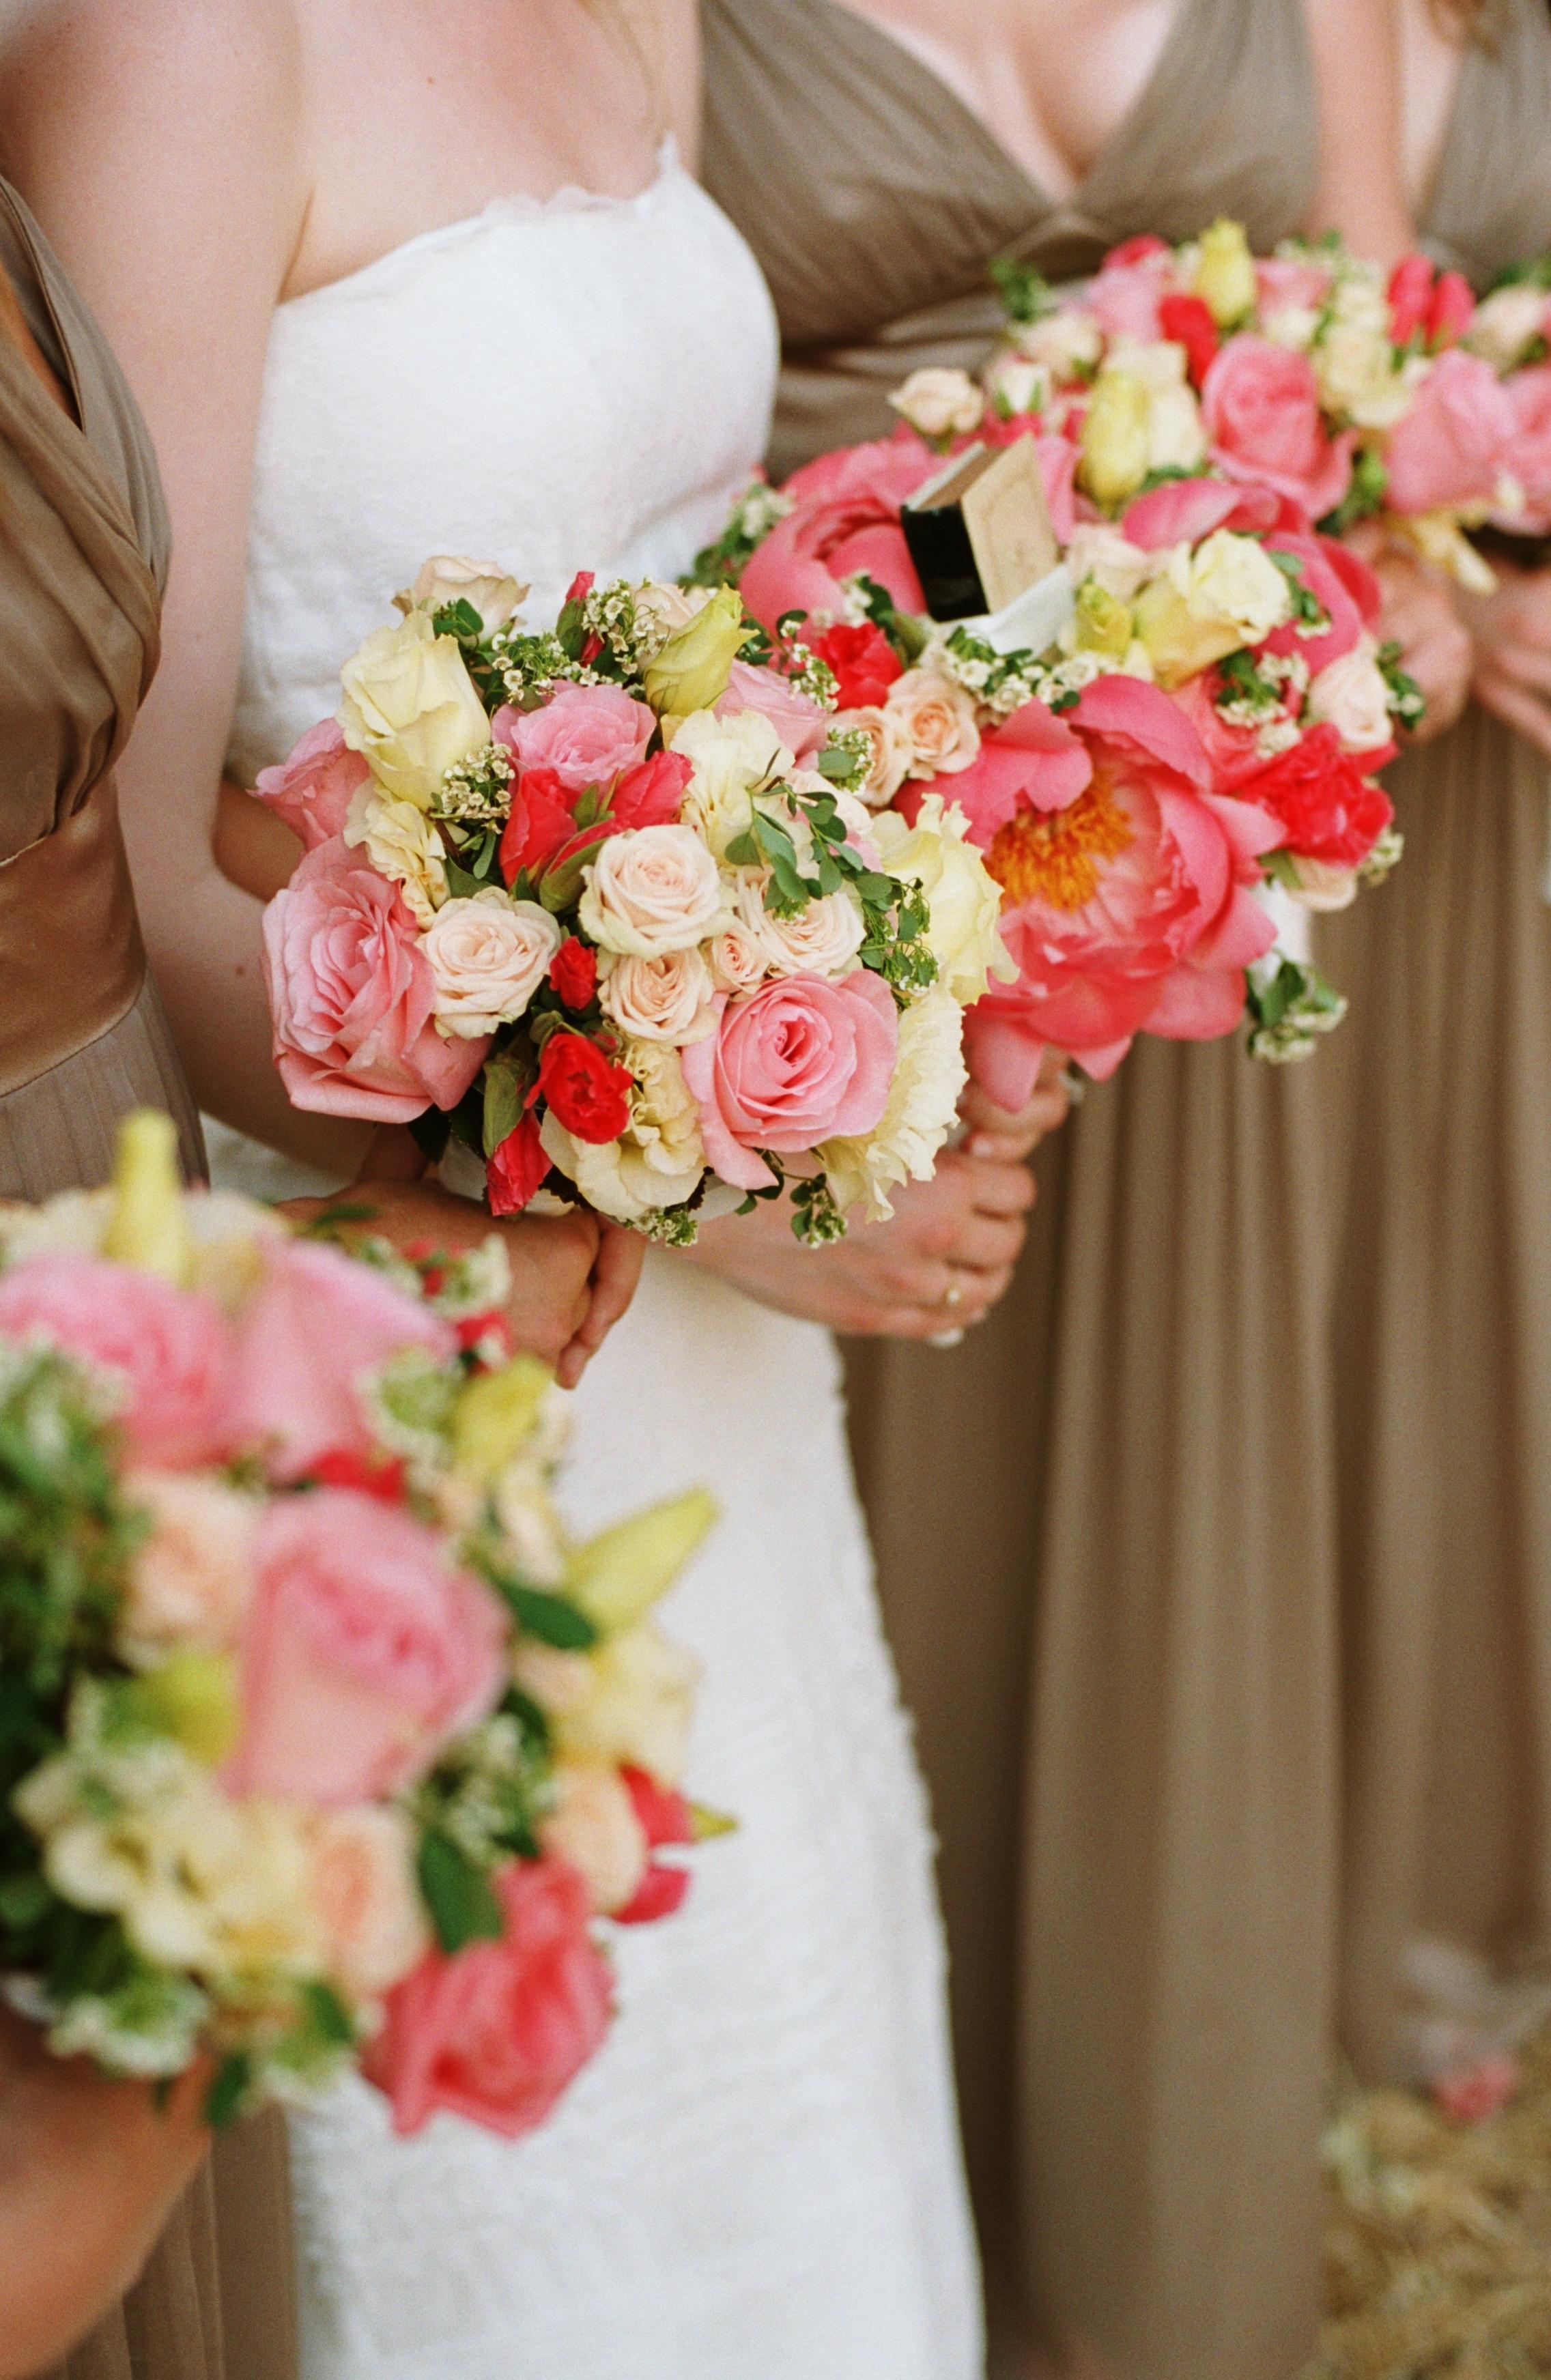 Flowers & Decor, Bridesmaids, Bridesmaids Dresses, Fashion, white, pink, Bridesmaid Bouquets, Flowers, Wedding party, Wedding, Bouquets, Farm, Flower Wedding Dresses